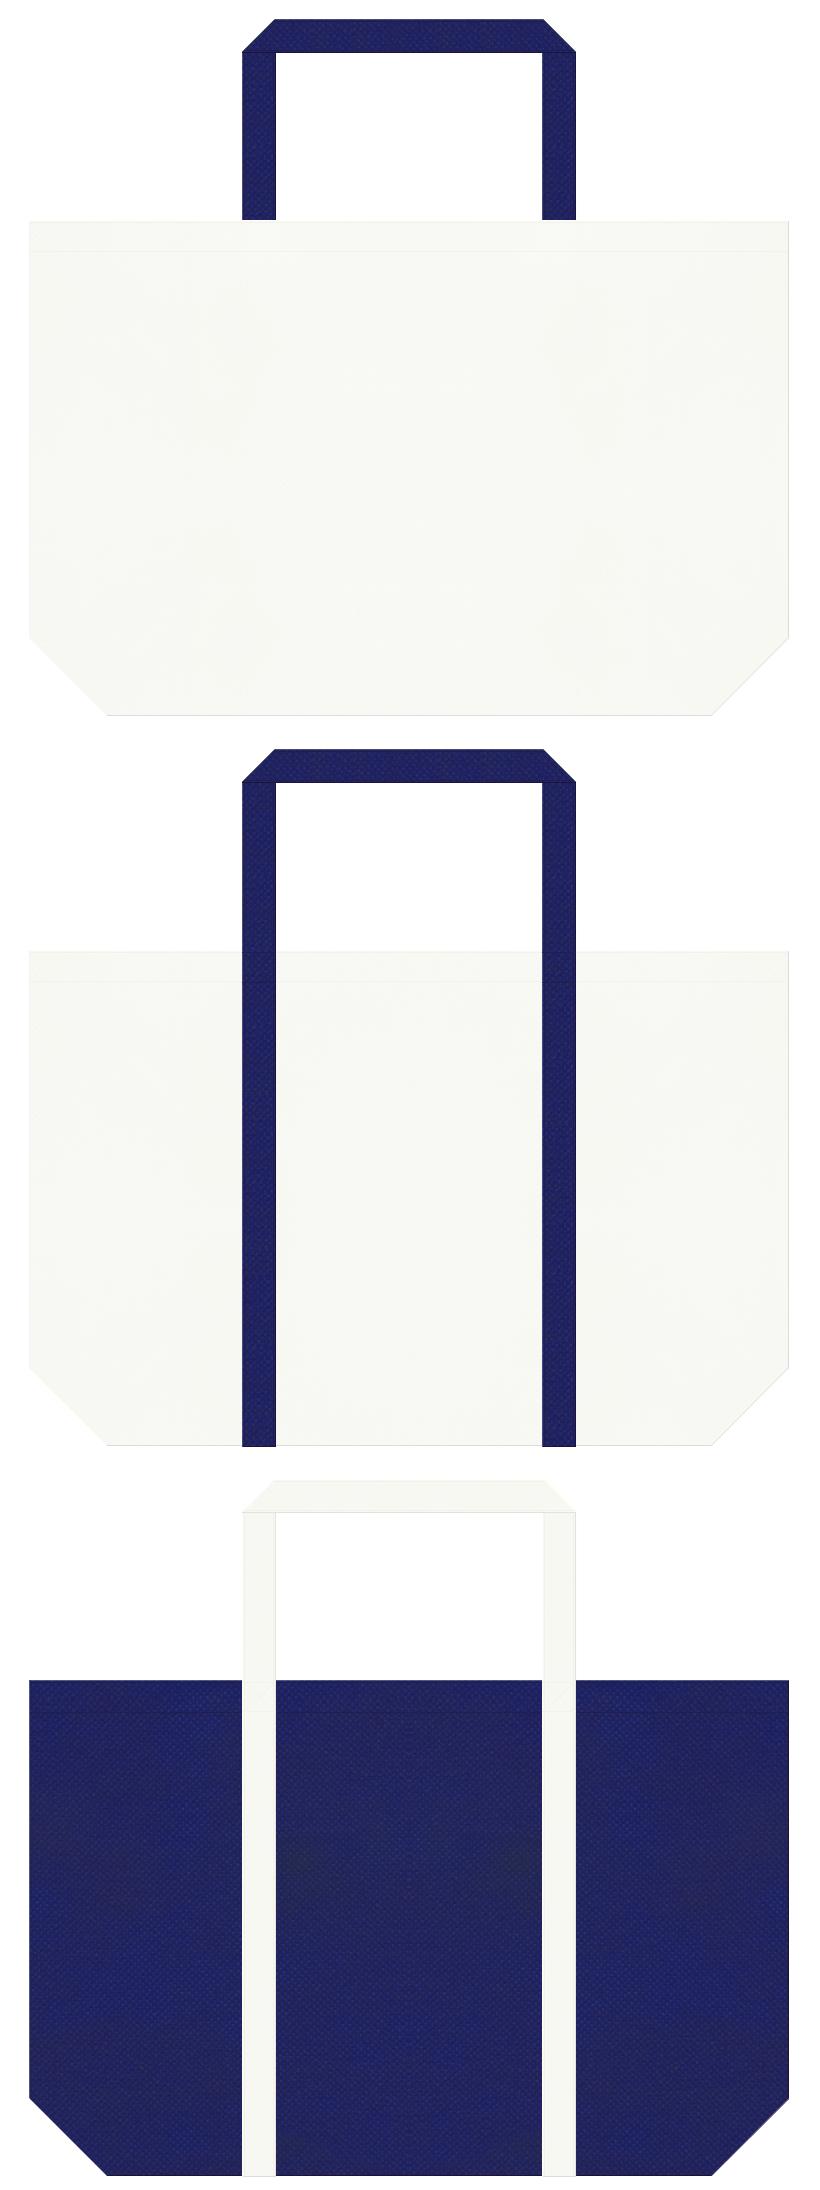 オフホワイト色と明るい紺色の不織布バッグデザイン。マリンファッション・ビーチグッズのショッピングバッグや太陽光発電の展示会用バッグにお奨めの配色です。